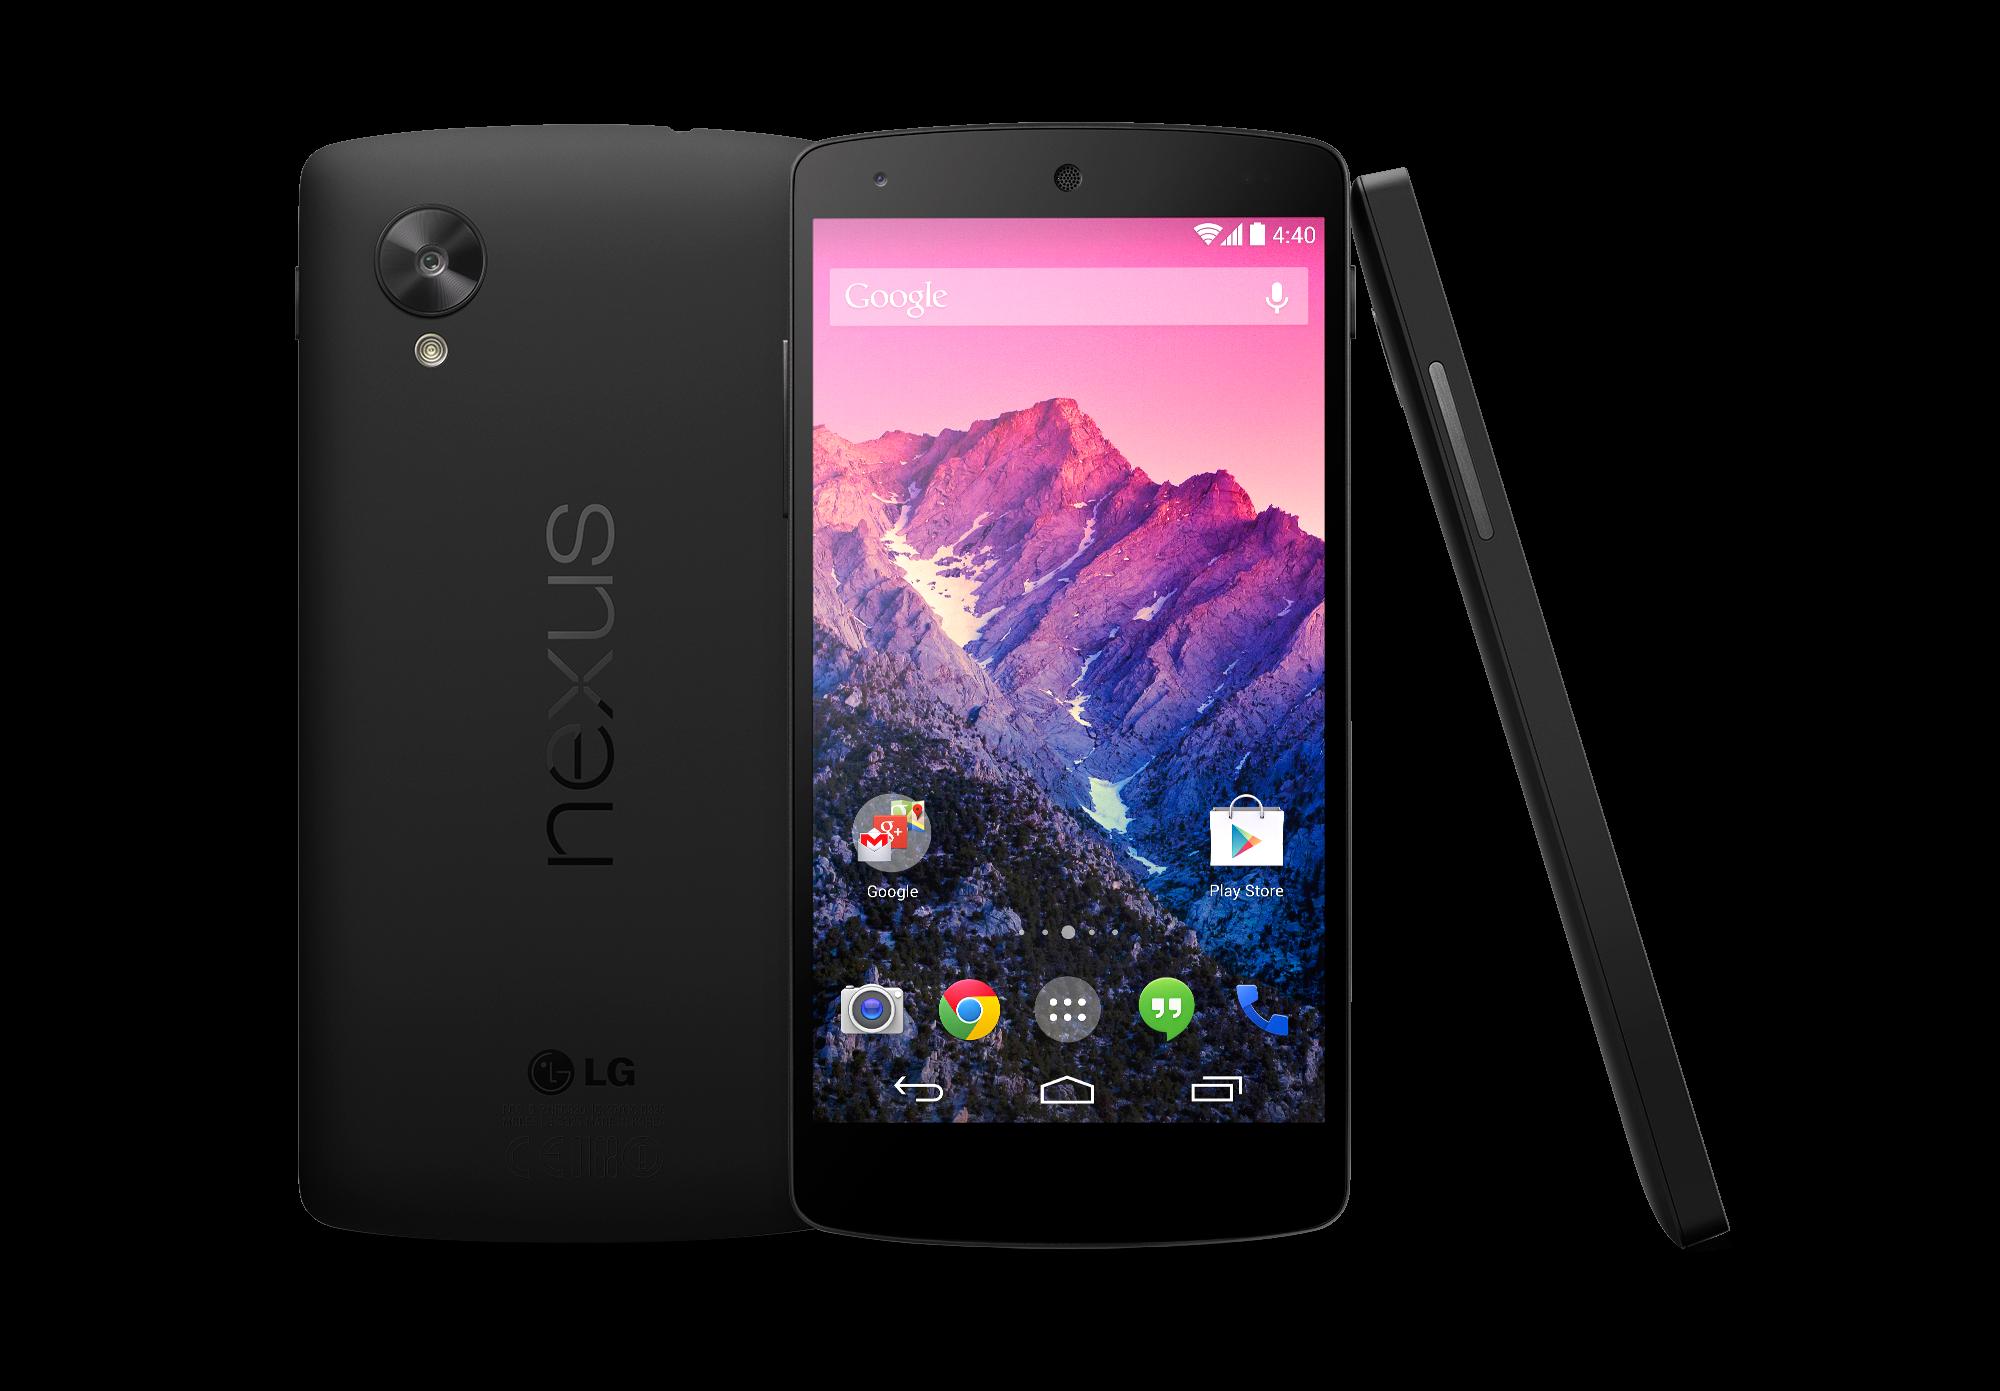 [COMPARATIF] Quel est le meilleur navigateur web Android ? Benchmarks et fonctionnalités ! 14665245766903